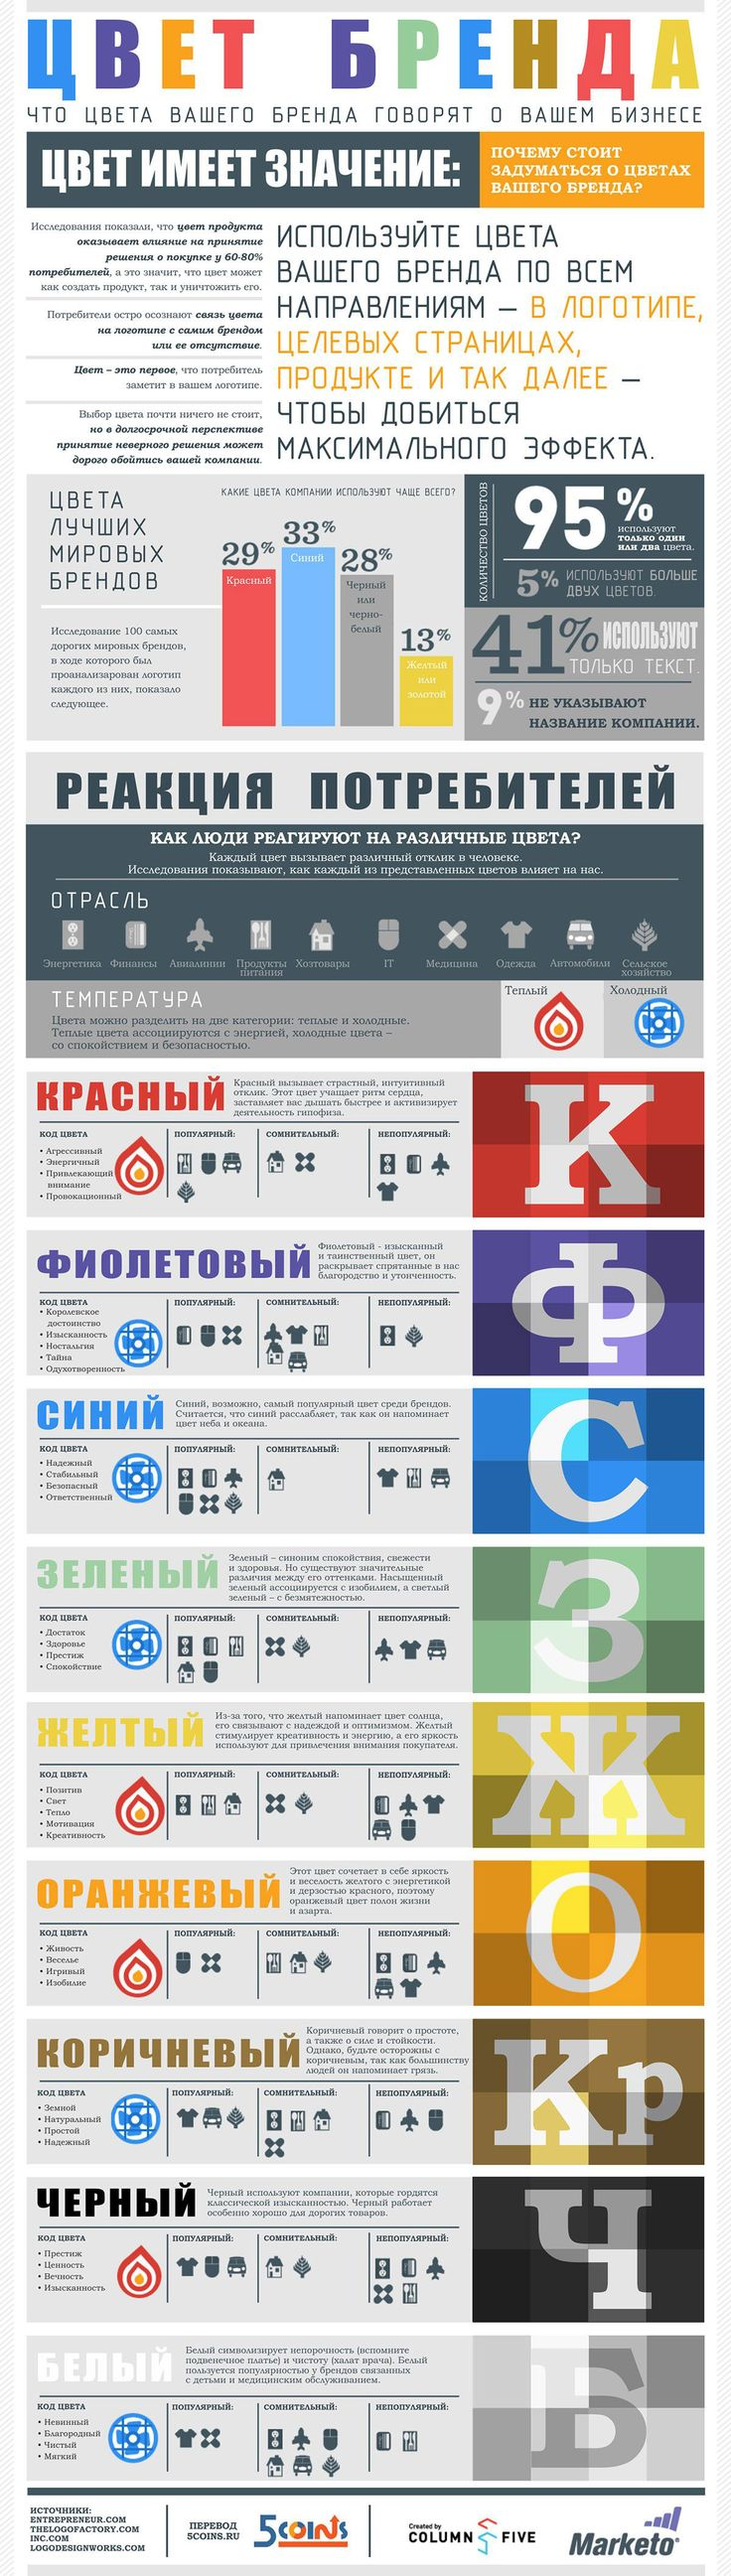 Как создать логотип самостоятельно от идеи до воплощения | DesigNonstop - О дизайне без остановки